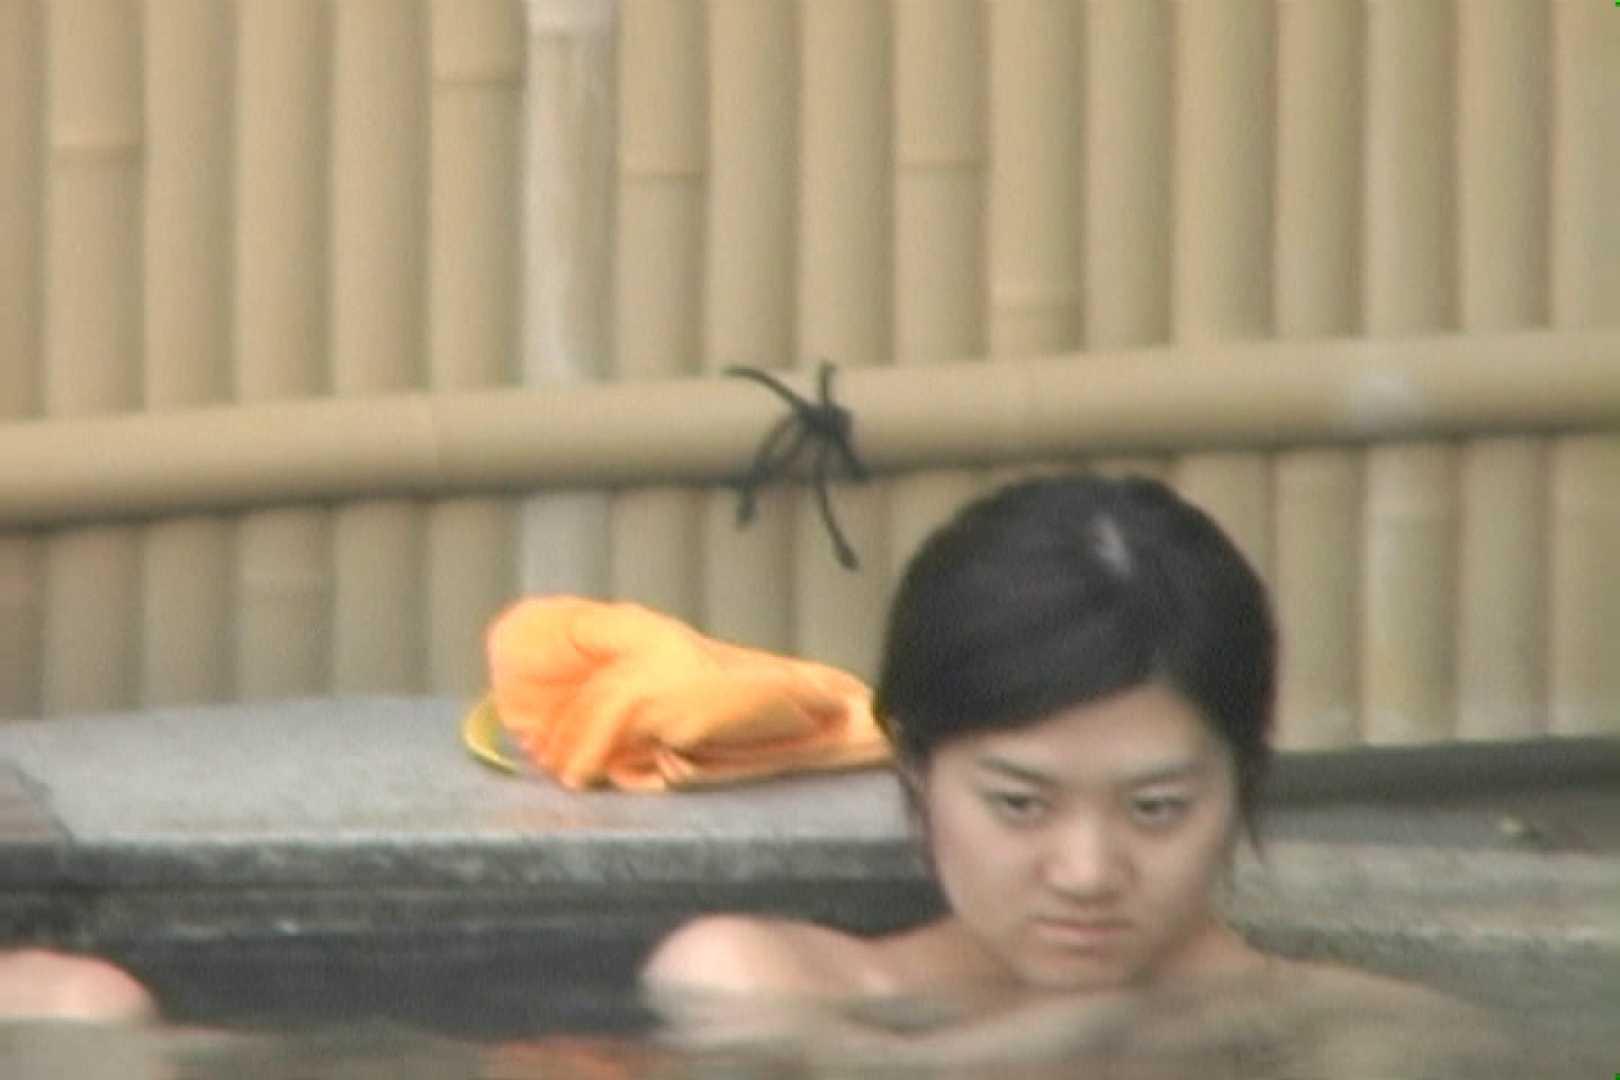 高画質露天女風呂観察 vol.003 乙女のエロ動画 のぞき動画キャプチャ 90PIX 45